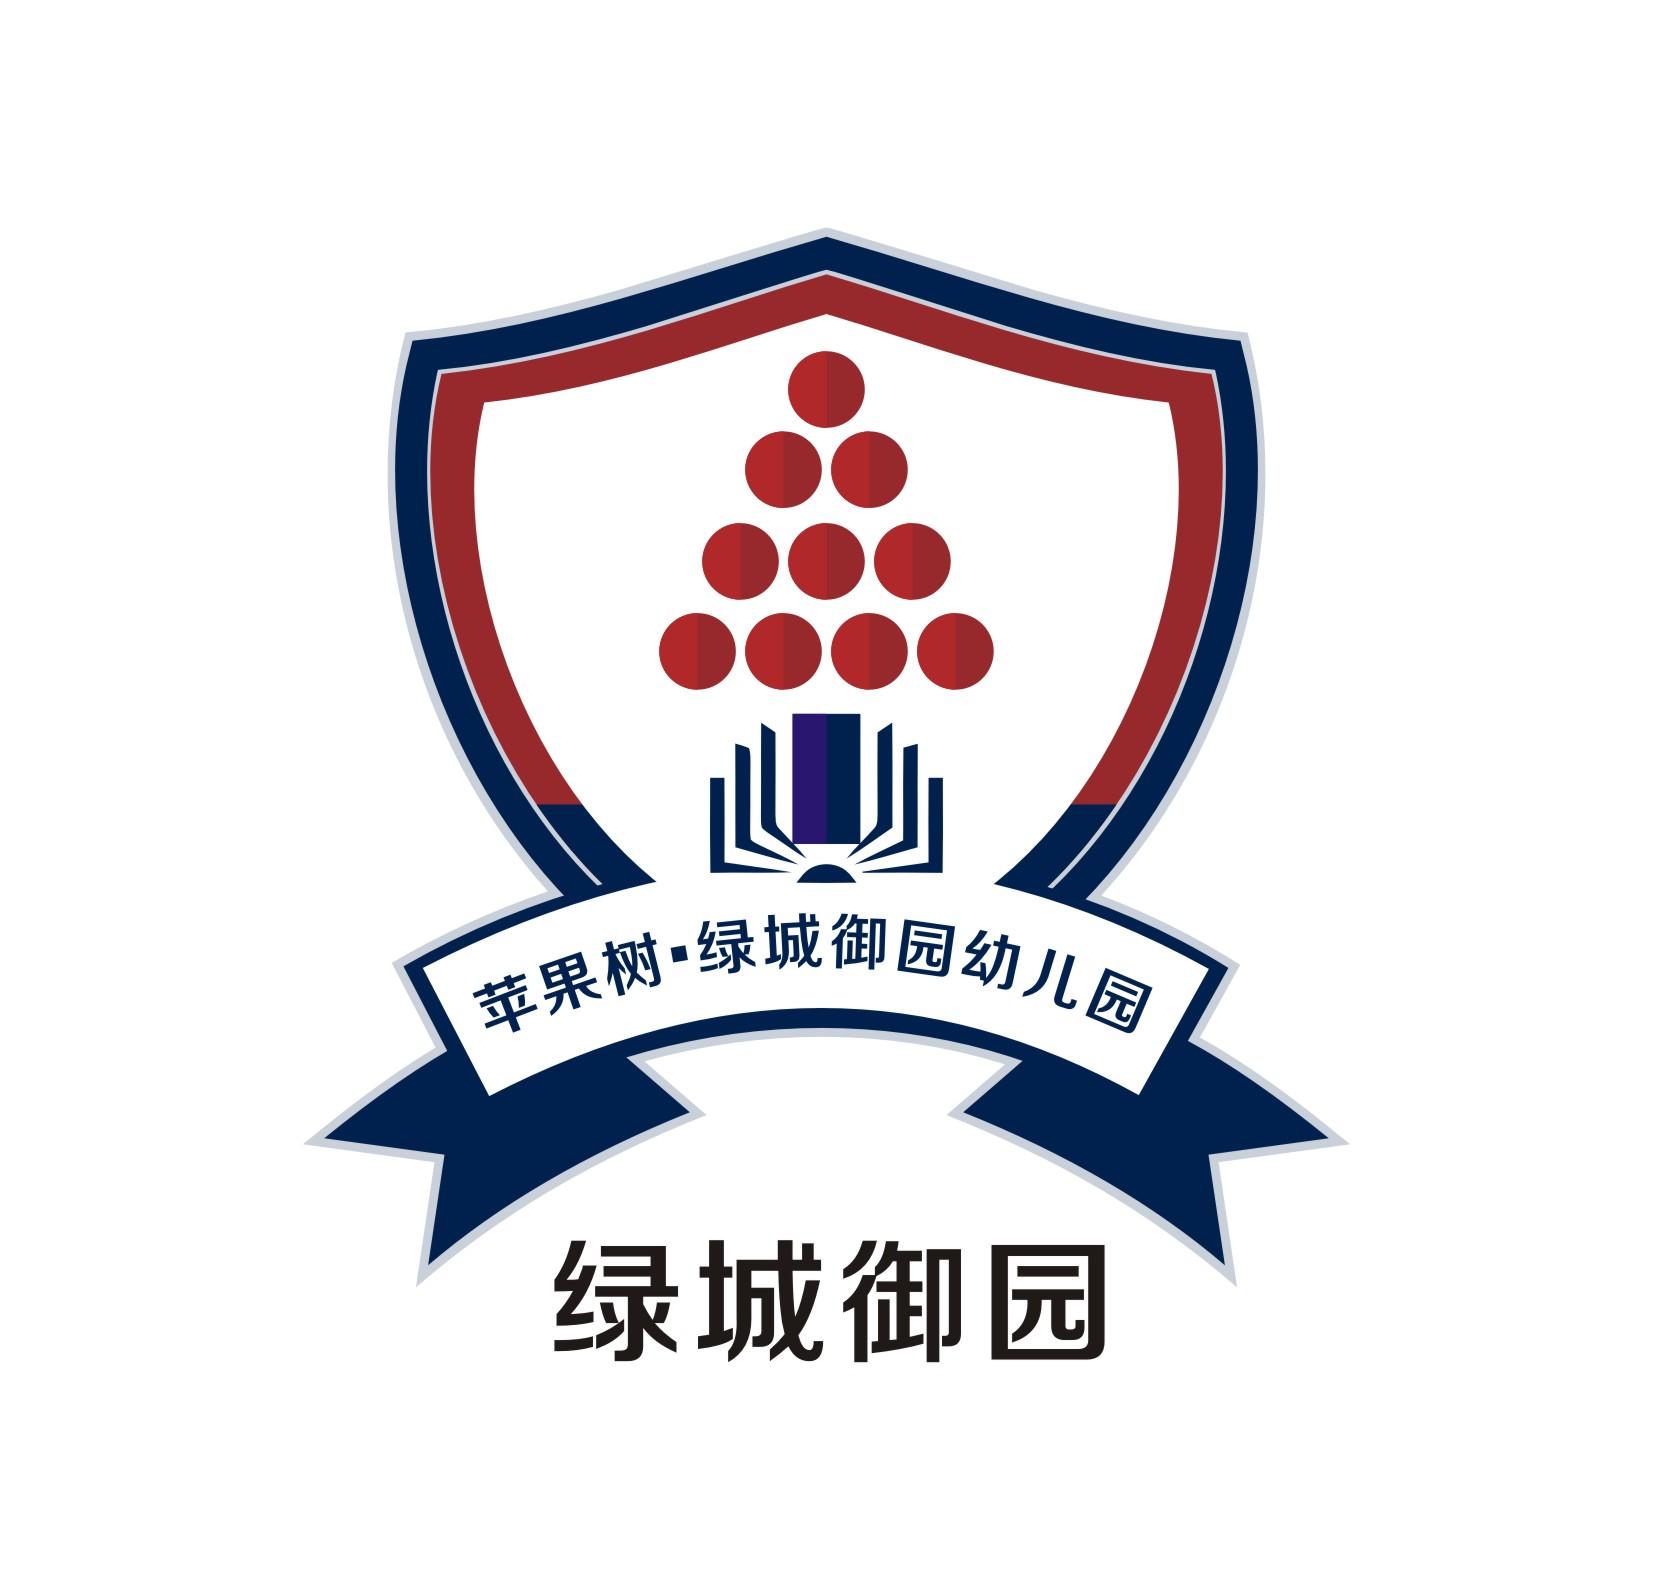 绿城御园国际幼儿园logo设计